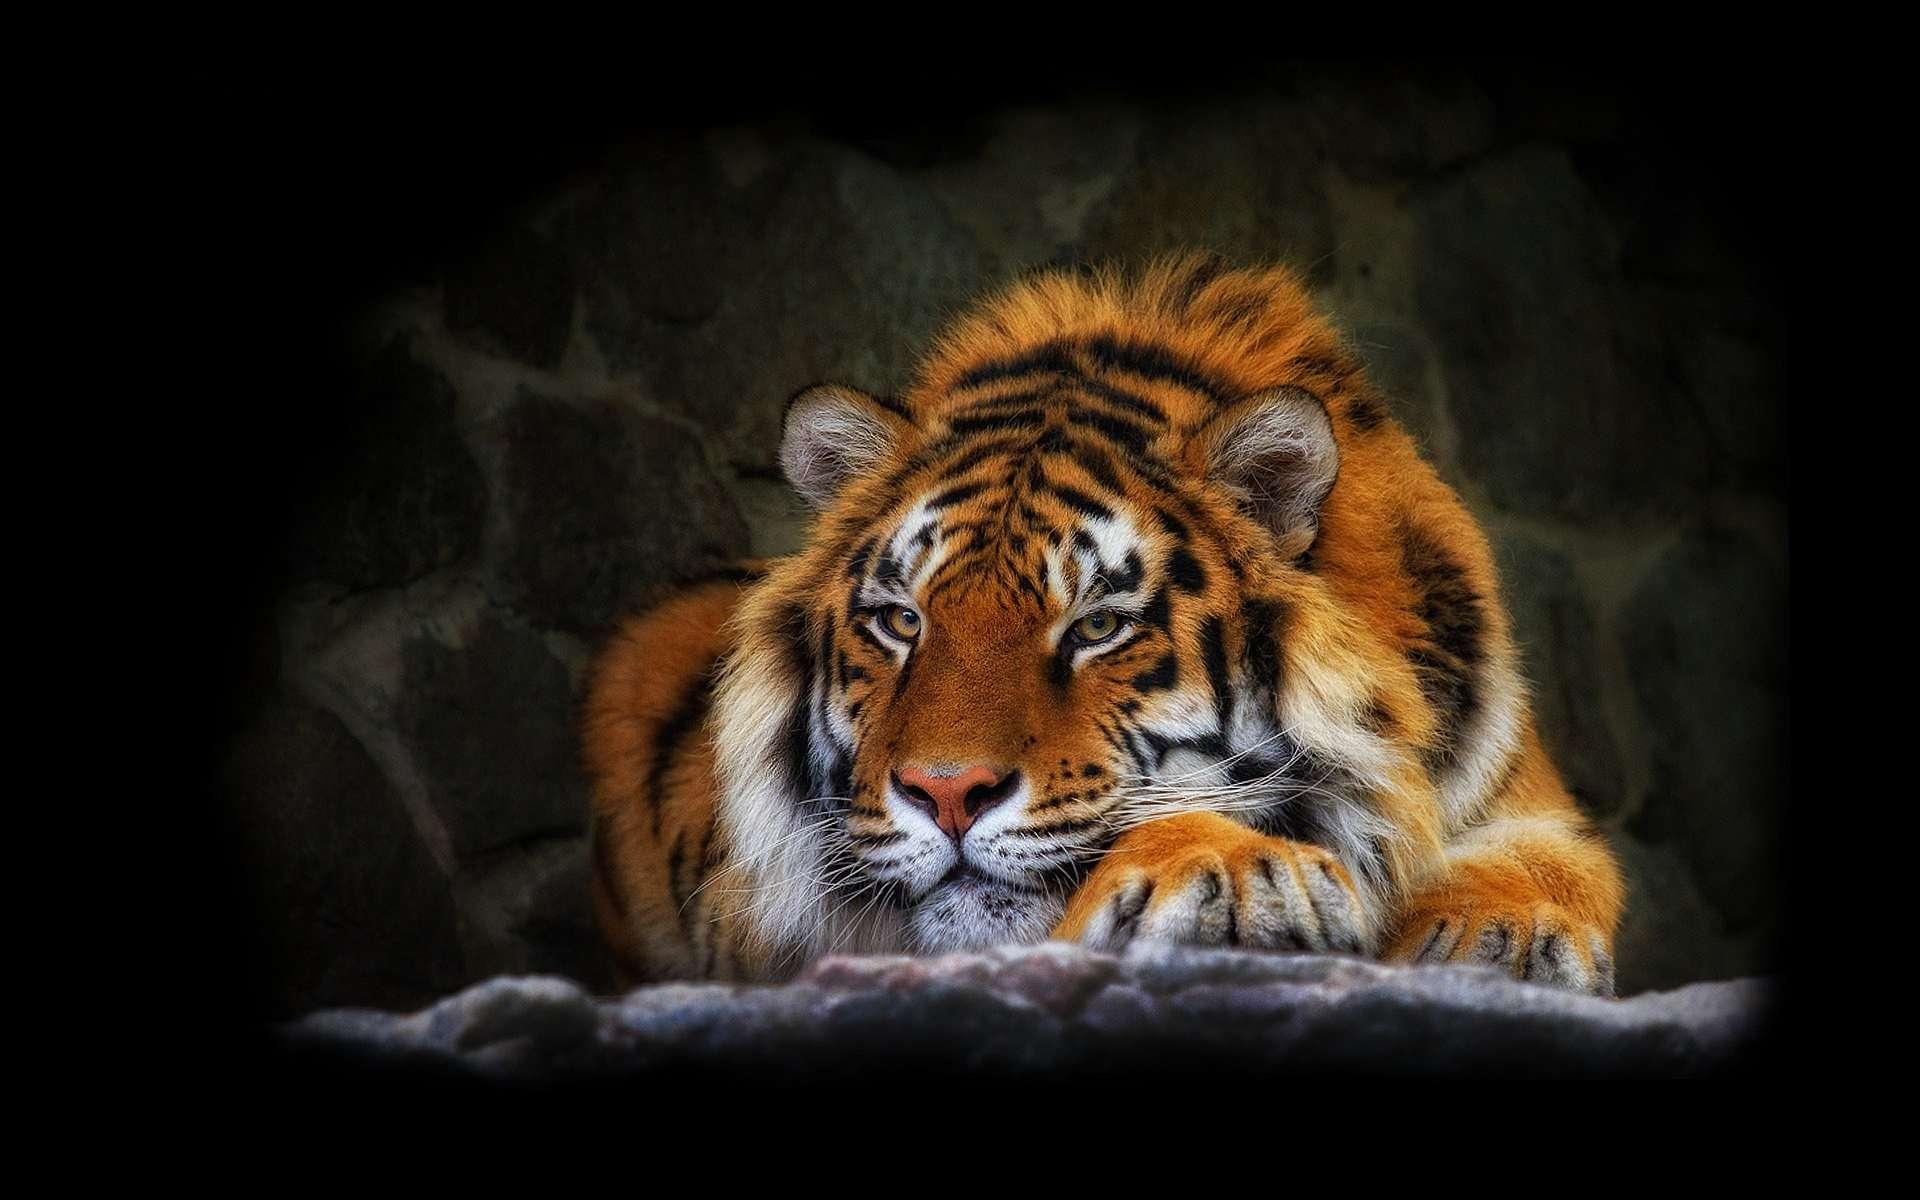 tiger wallpaper tiger lily flower tiger desktop backgrounds tiger 1920x1200